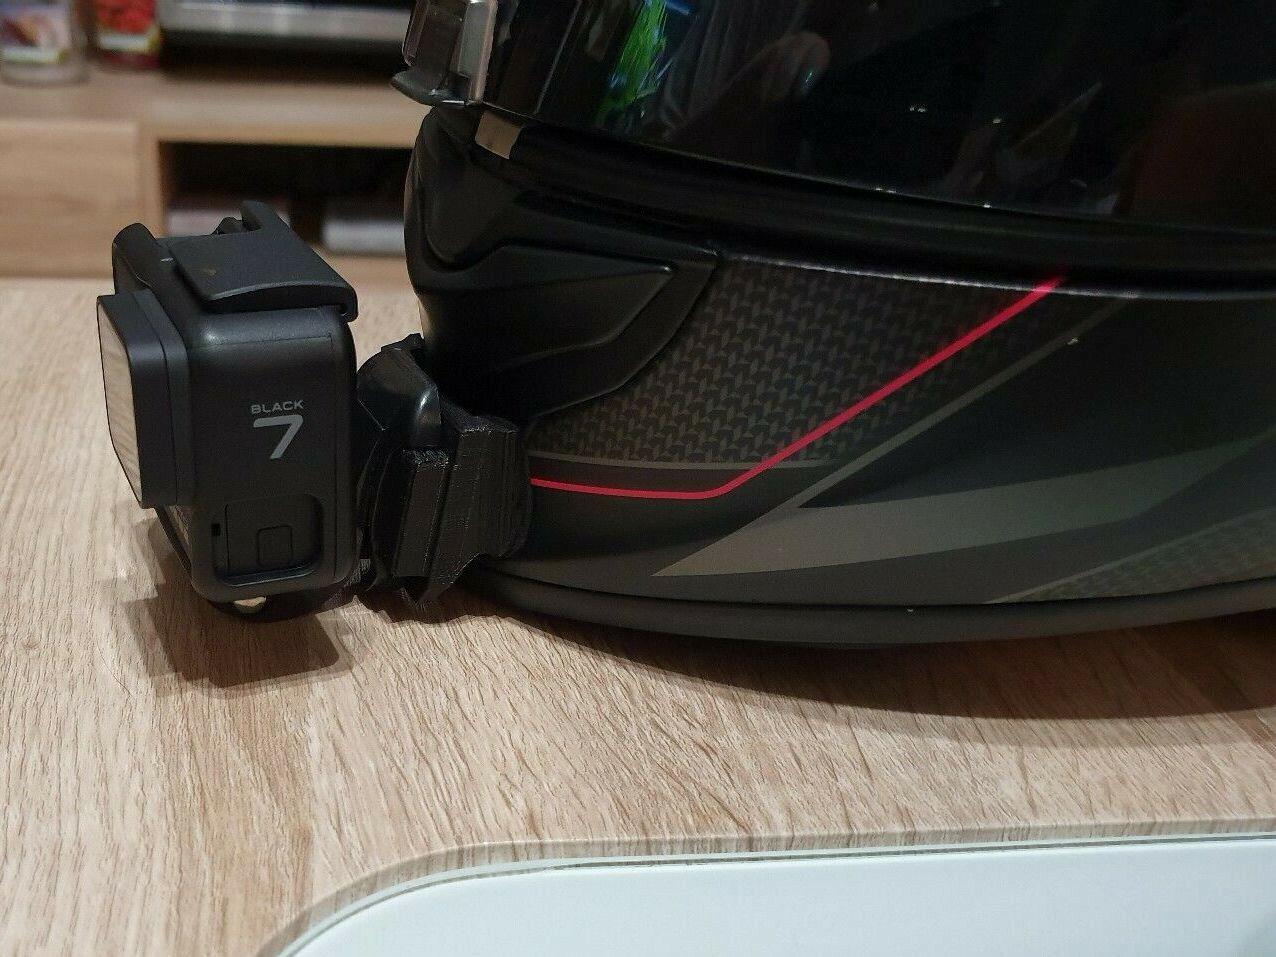 Mount Scorpion Exo Air 1400 Action Cam Halterung Kinn für Gopro